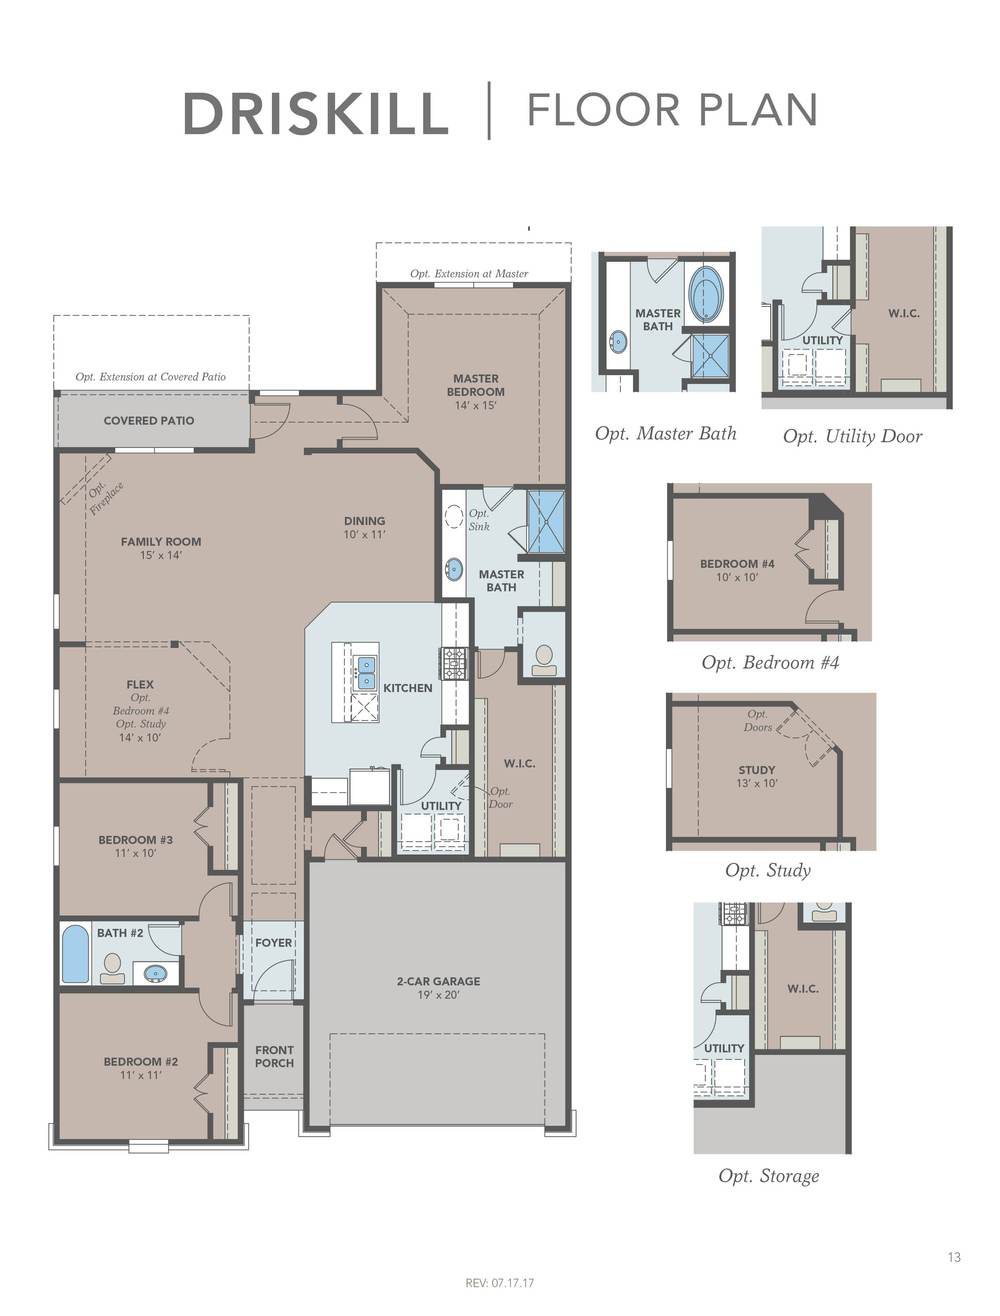 Driskill Floor Plan